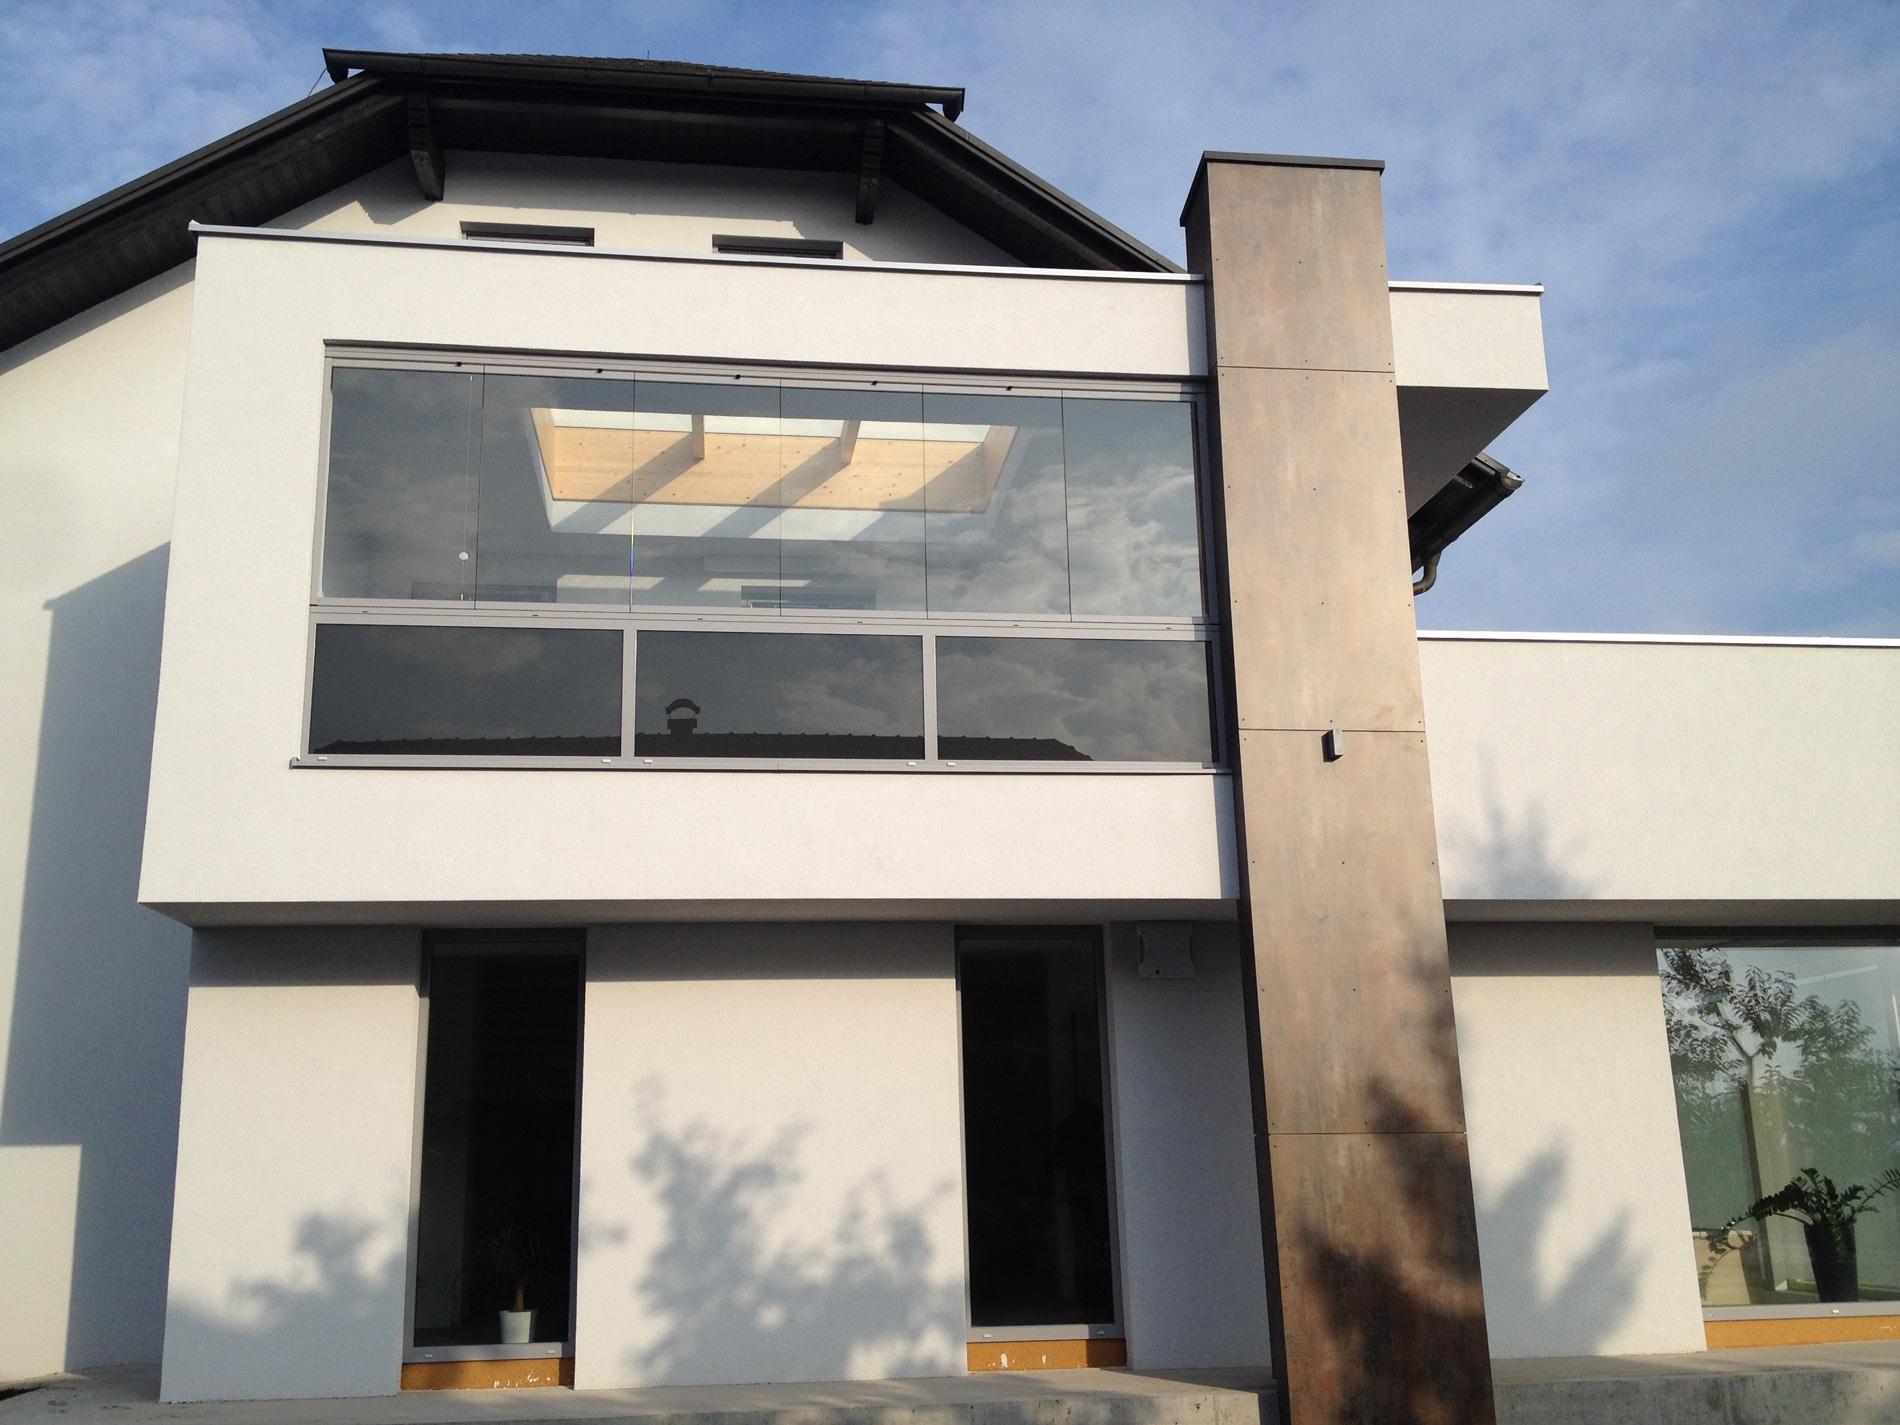 Balkonverglasung mit Sunflex